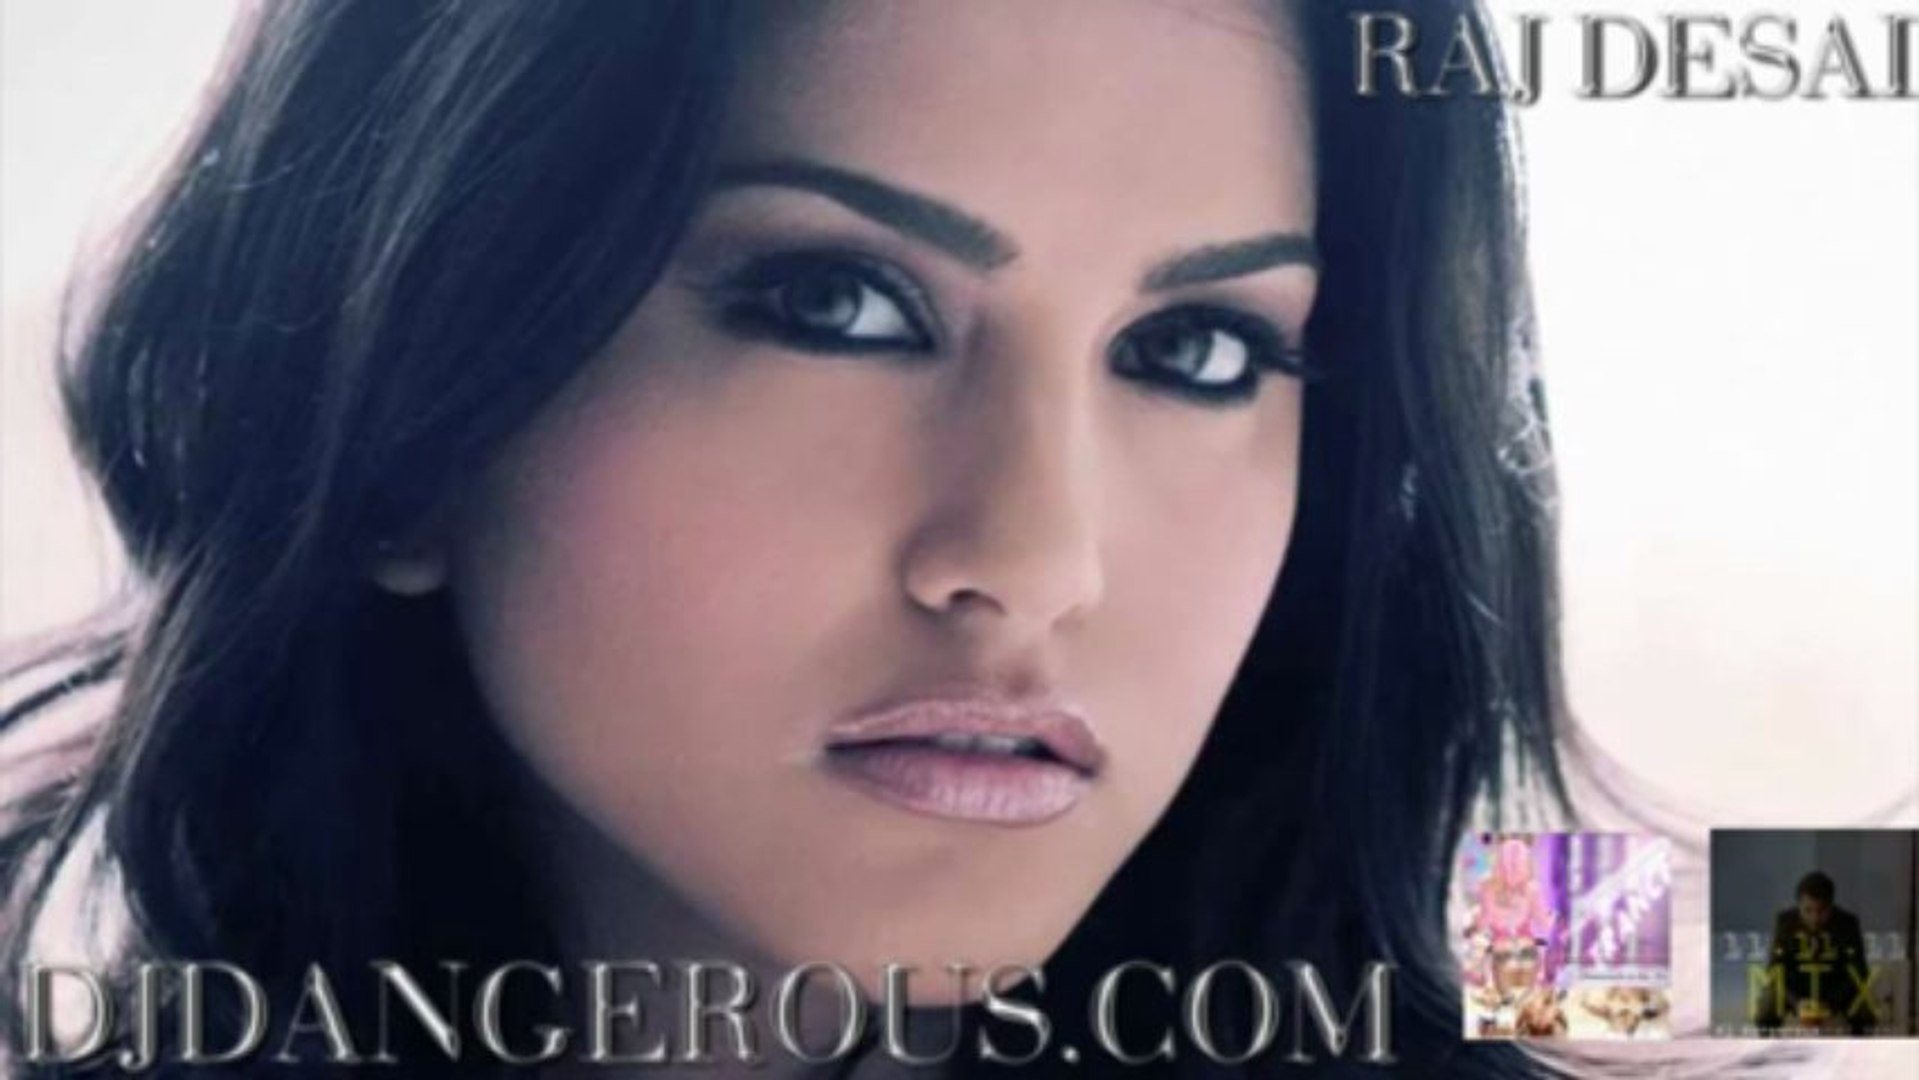 Hindi songs 2013 2012 hits new Hindi Movies 2013 2012 FULL SONG Katrina Kaif dj dangerous raj desai